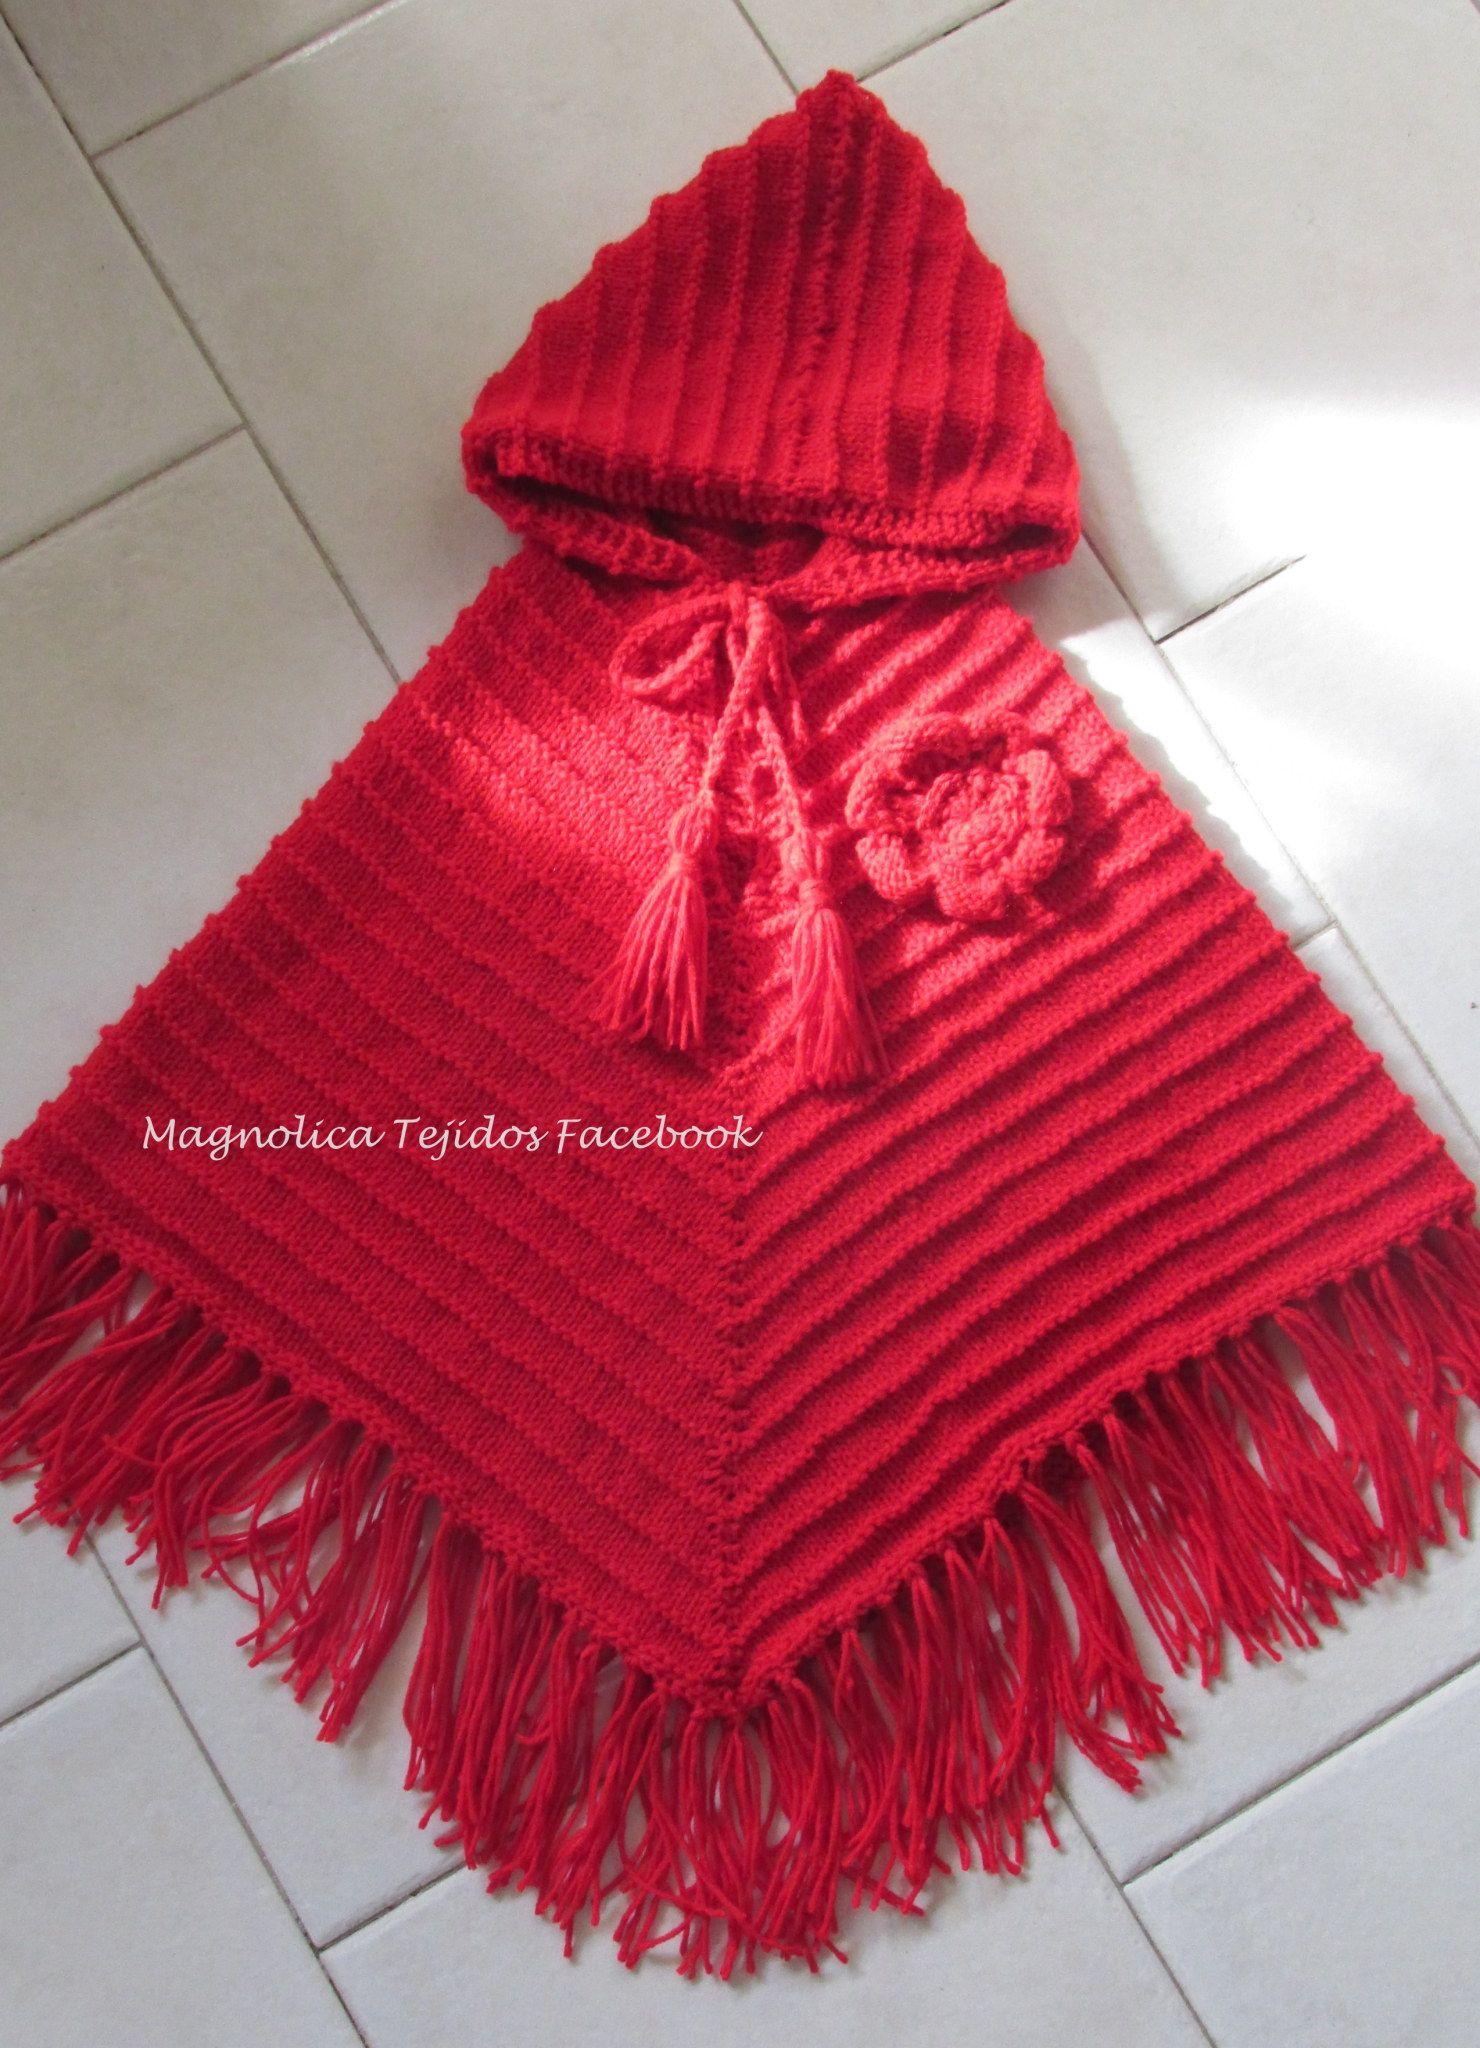 blog de tejido a mano y crochet, tips, patrones y venta de ropa ...